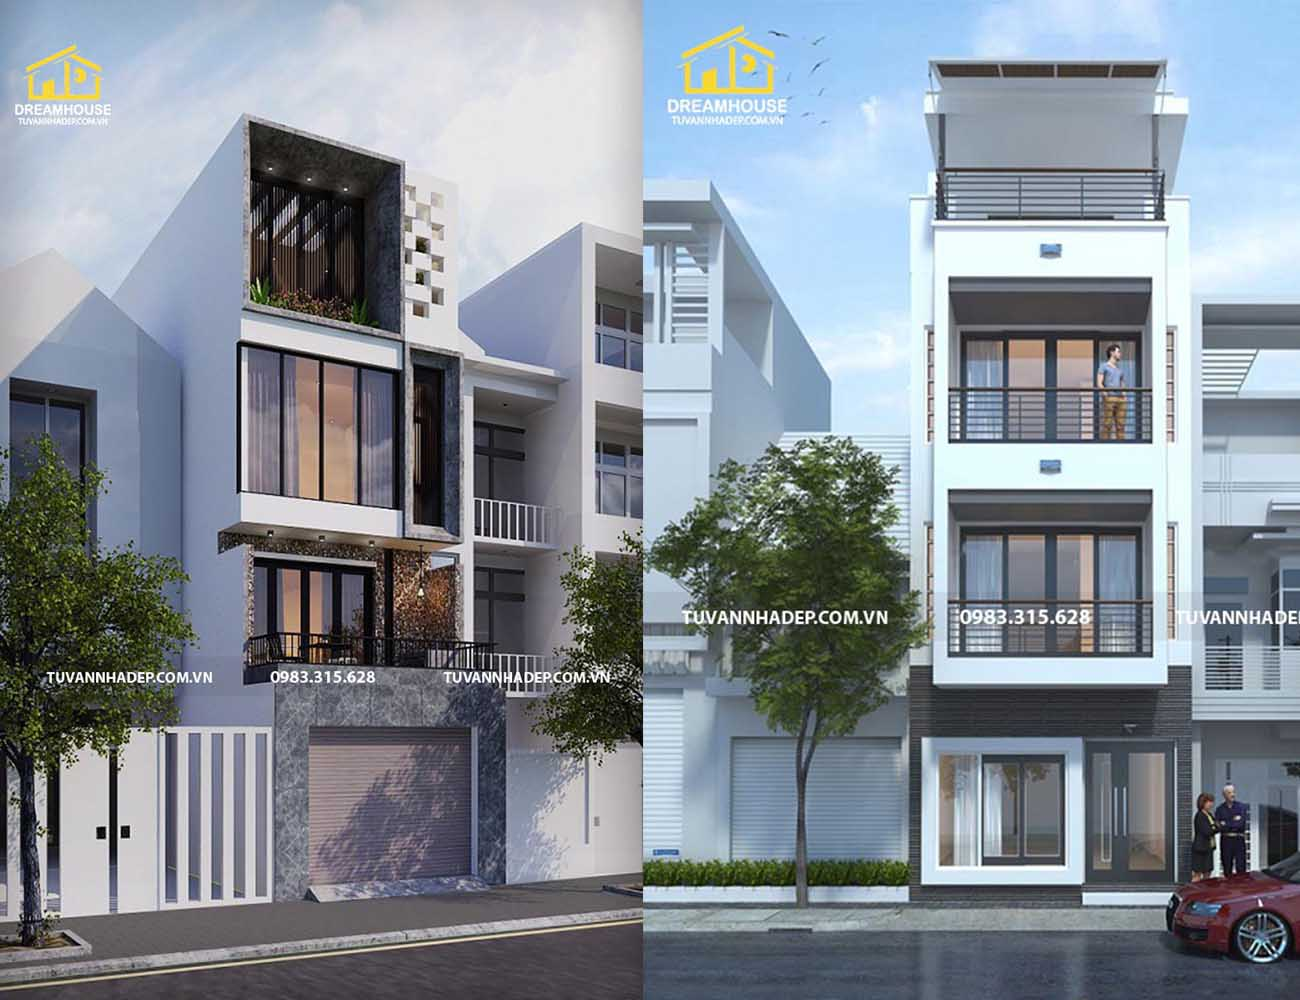 Mẫu nhà phố 3 tầng mặt tiền 4.5m mang phong cách hiện đại, sang trọng